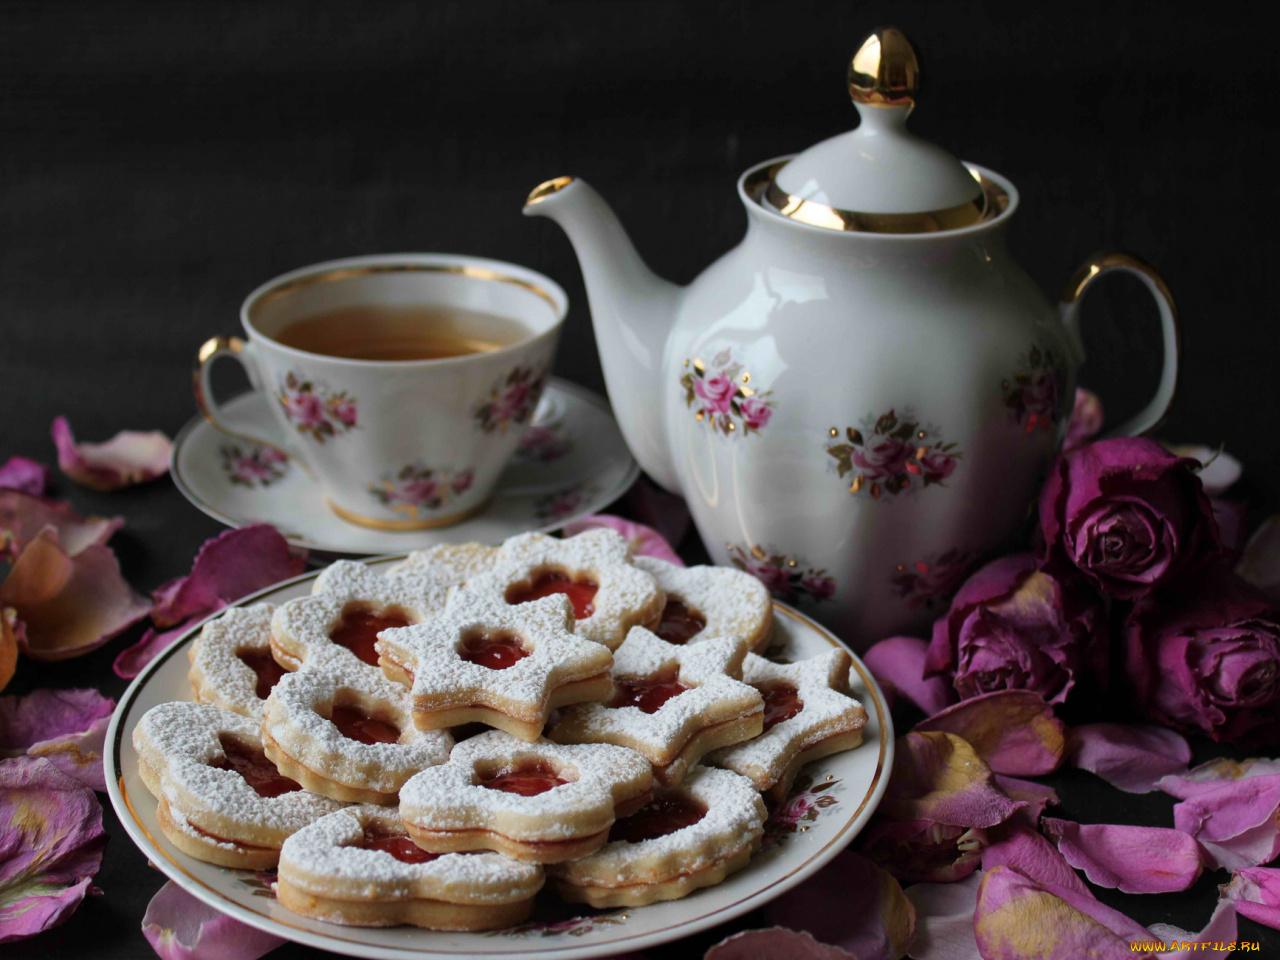 красивая картинка с чаем и печеньки придает предметам